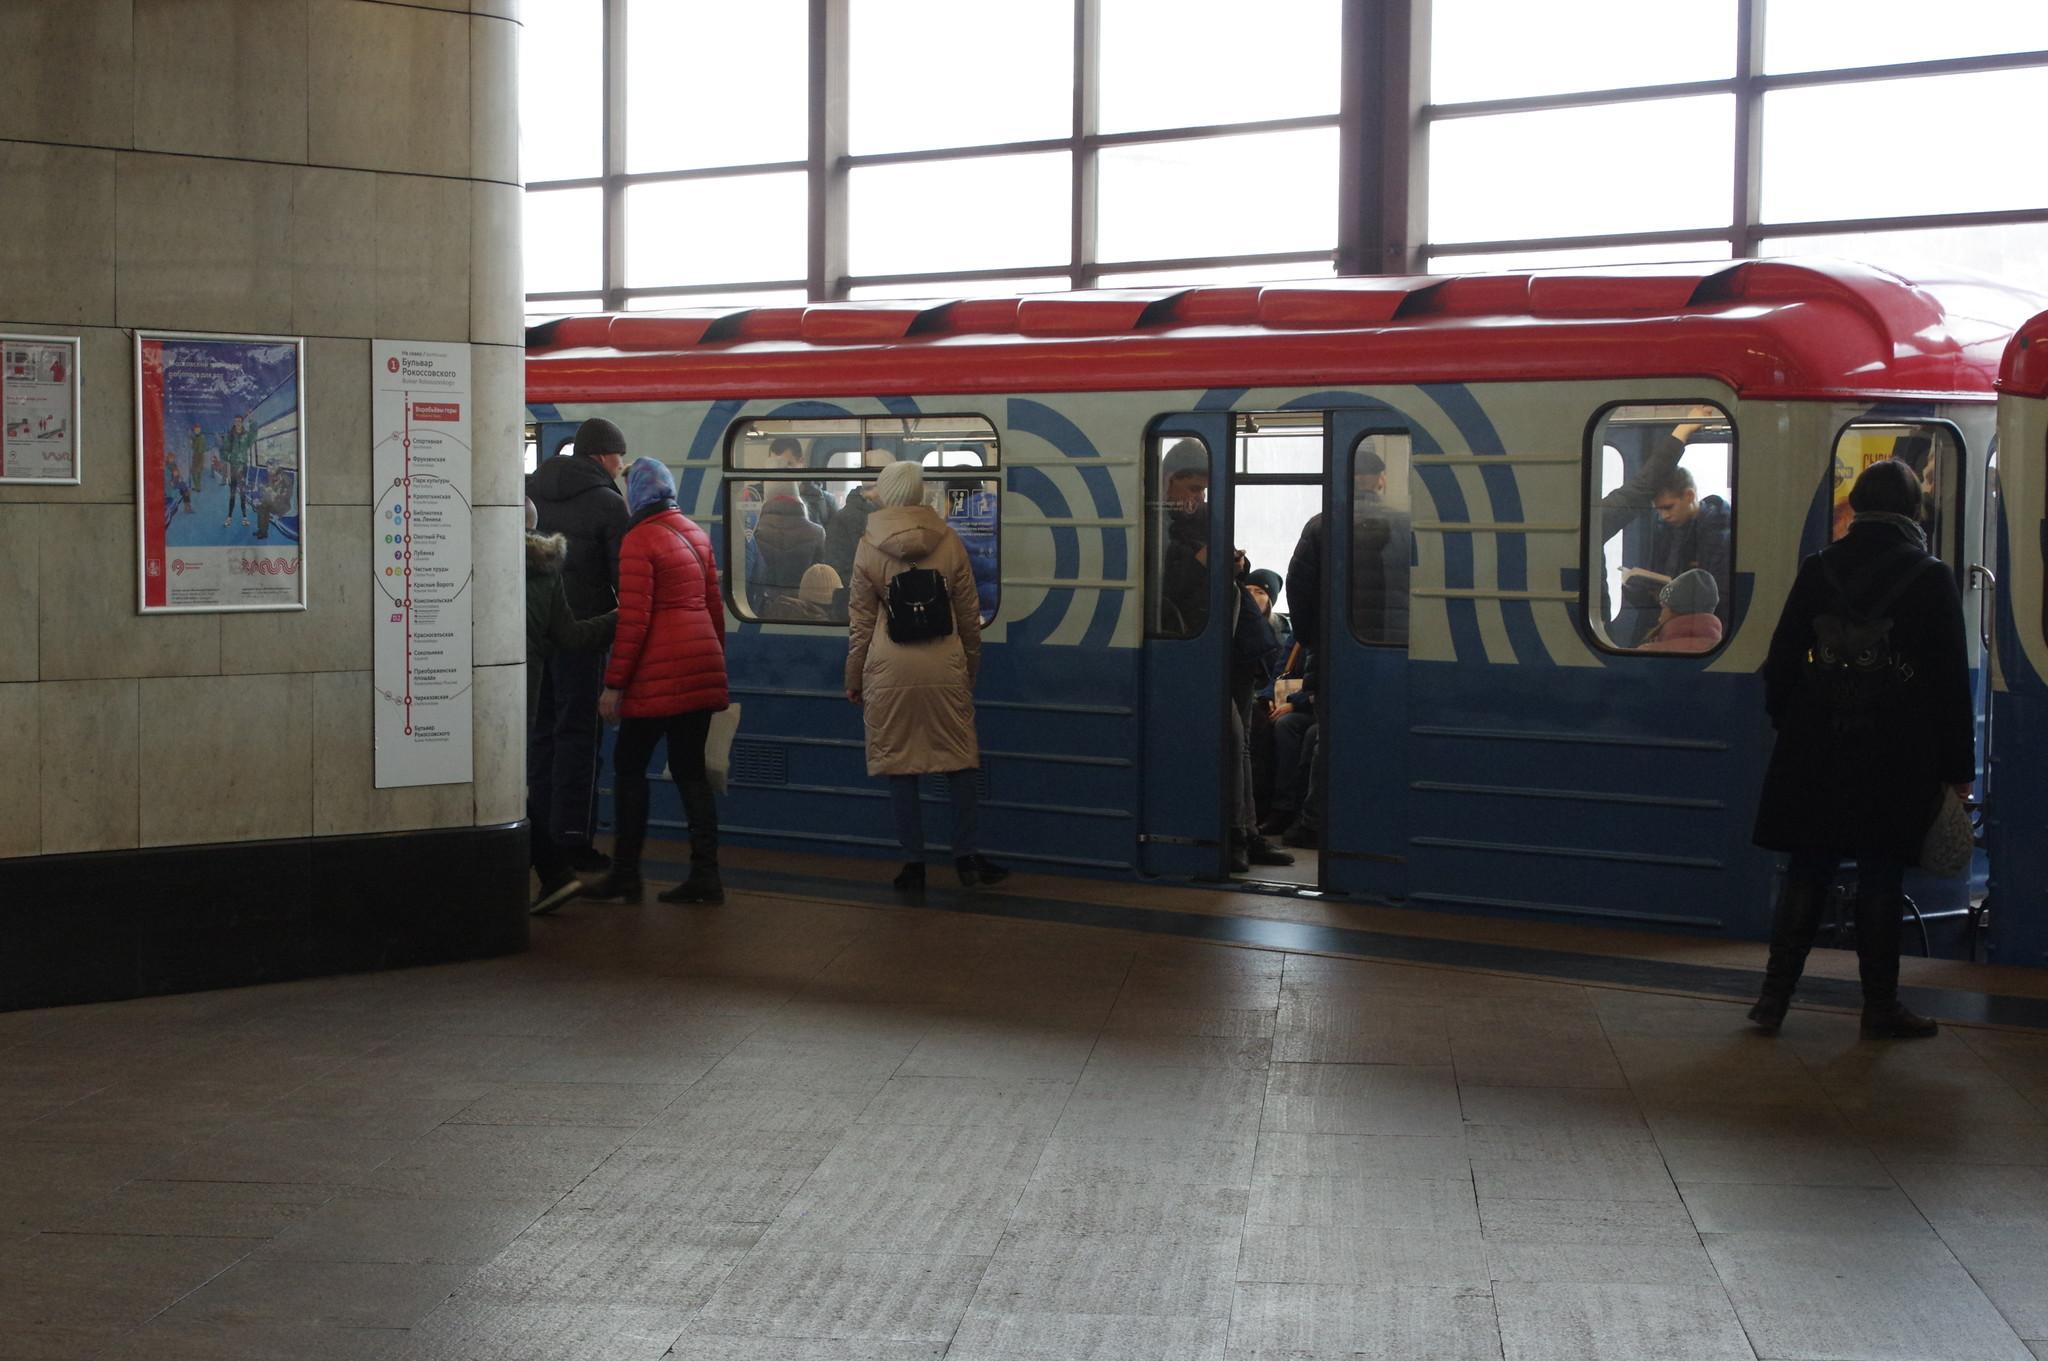 «Номерные» вагоны на станции «Воробьевы горы» Сокольнической линии Московского метрополитена